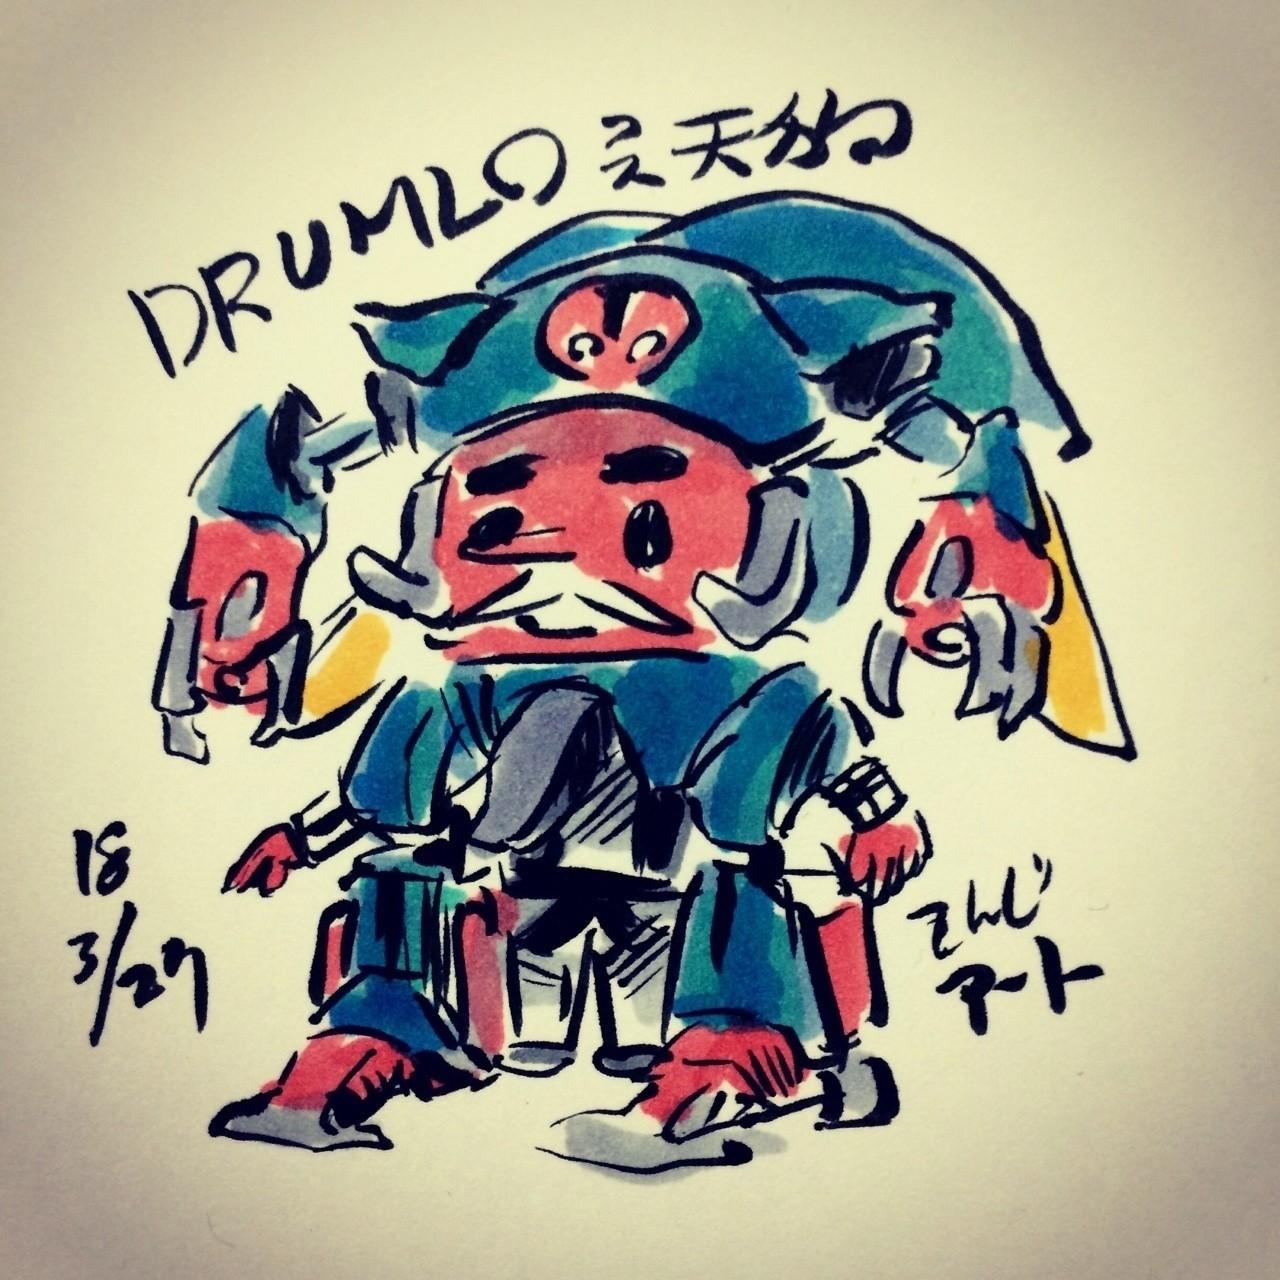 ドラムロ コス 天狗  ◇SHOP! てんぐアート◇ tengart.thebase.in    #天狗 #てんぐアート #ダンバイン #drumlo #ドラムロ 